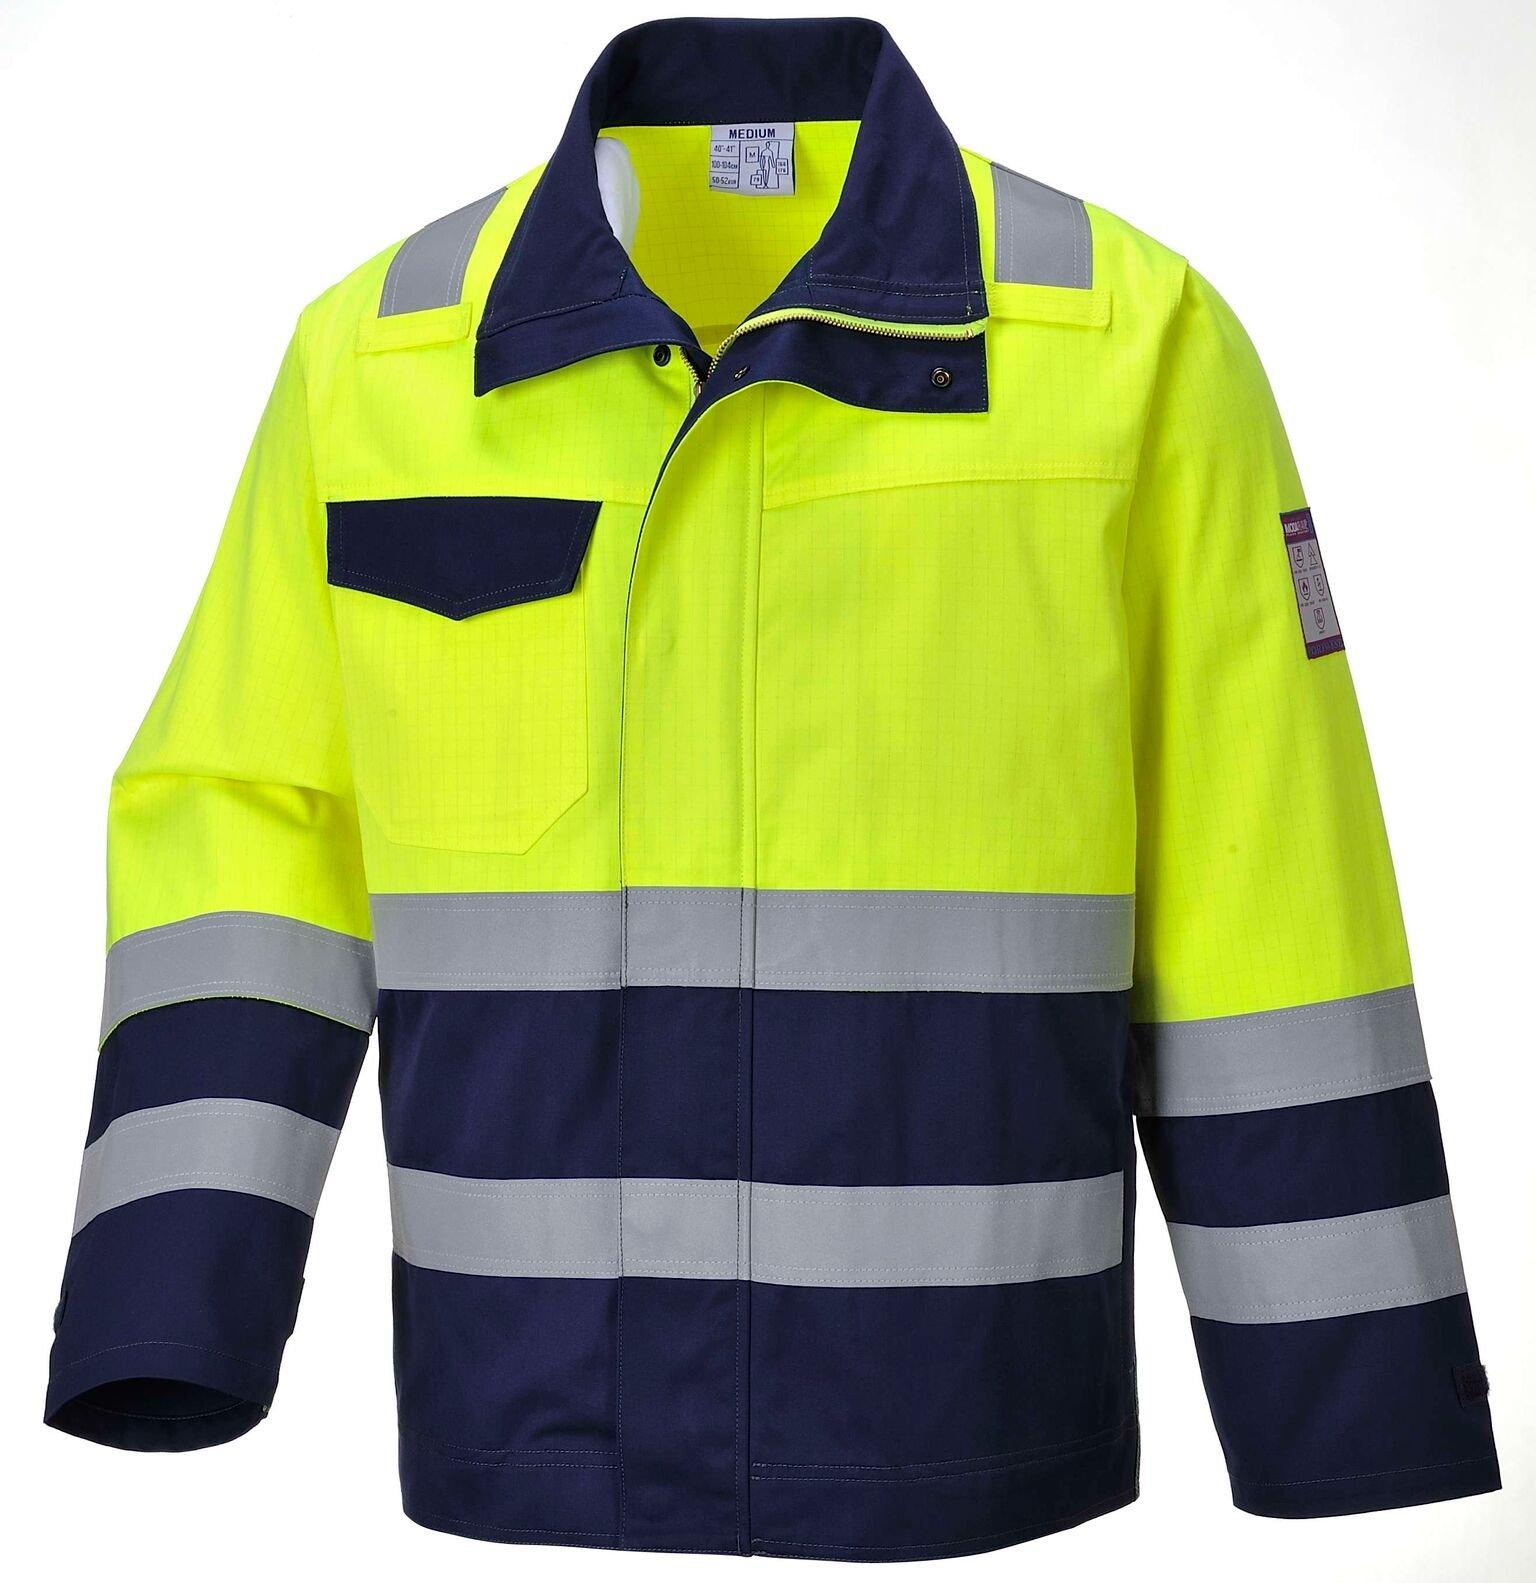 Cel mai bun ai grijă la informații despre lansare pe bluza-hi-vis-modaflame - Reflexní oděvy | GRENT CZ s.r.o.